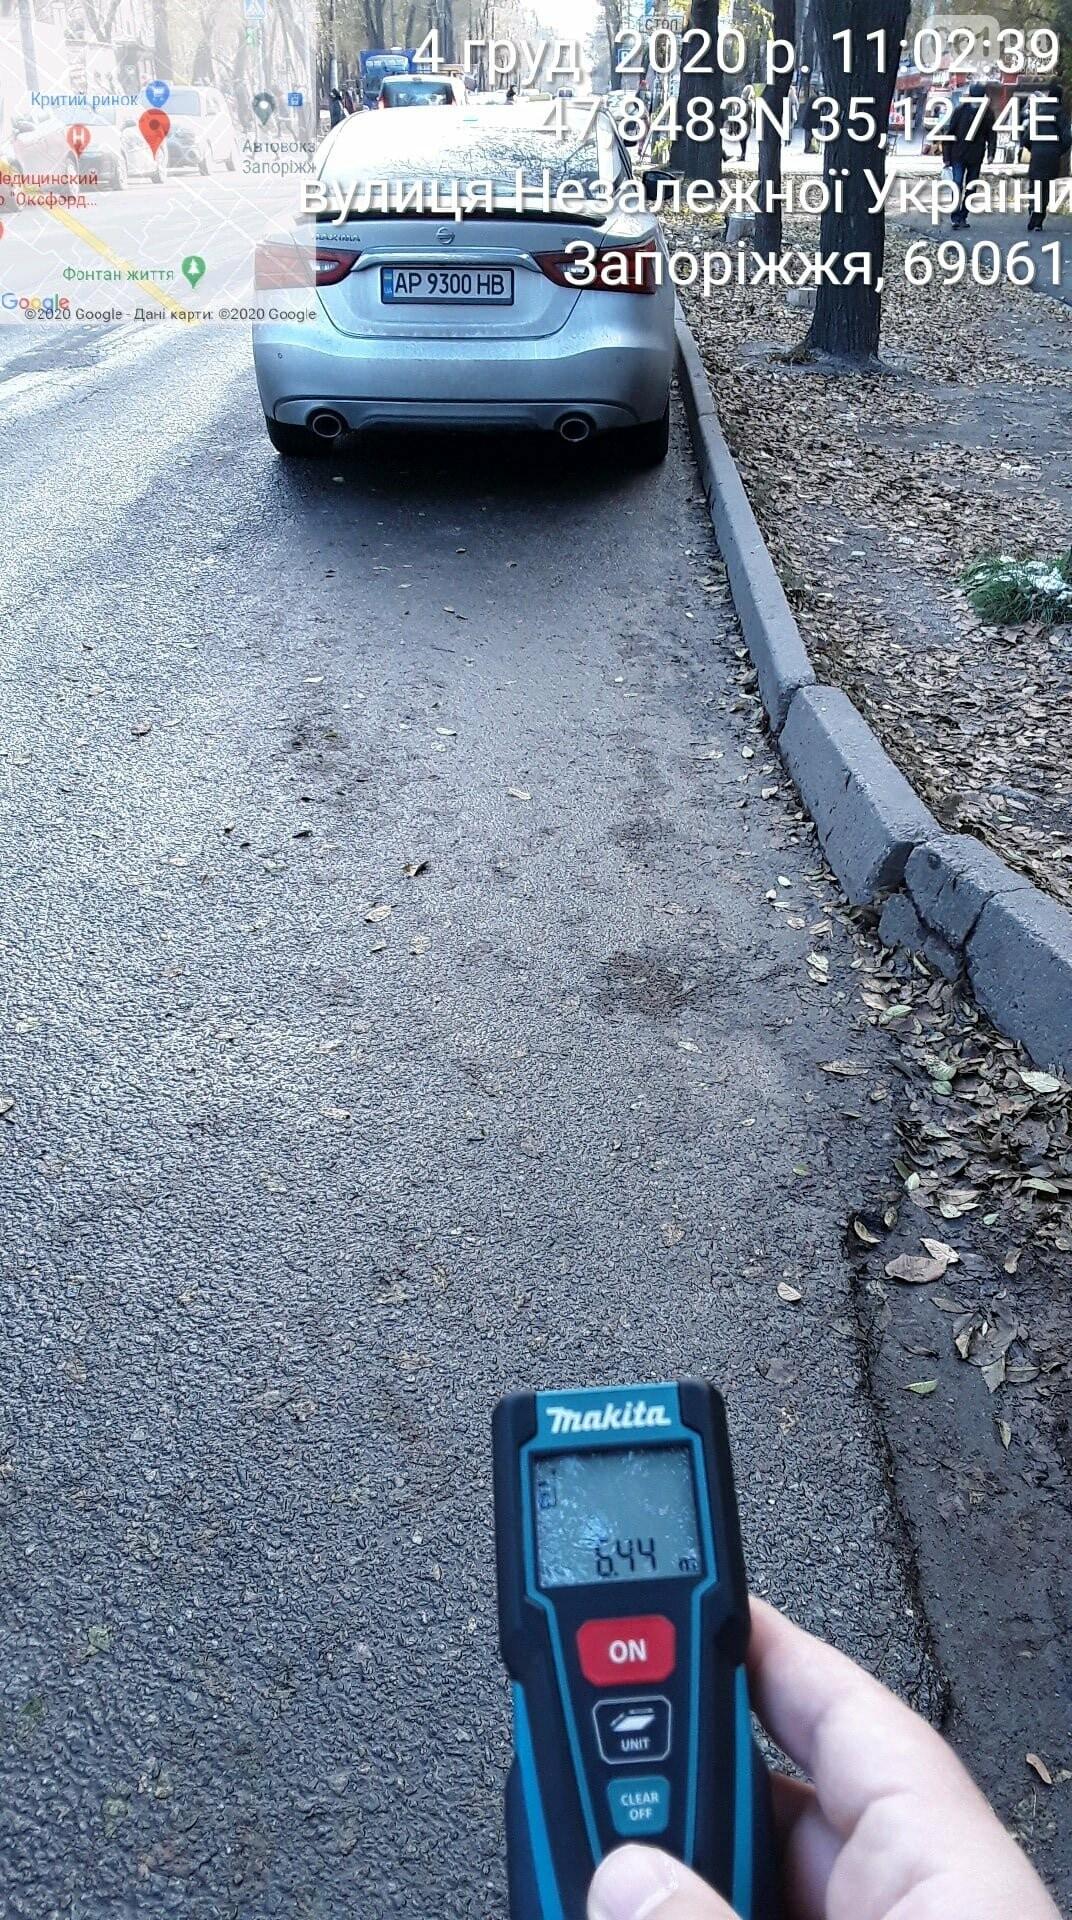 2359987743500685732428748429585096537987148n 6113c98d11bca - В Запорожье сотрудник полиции систематически нарушал правила парковки и не платил штрафы